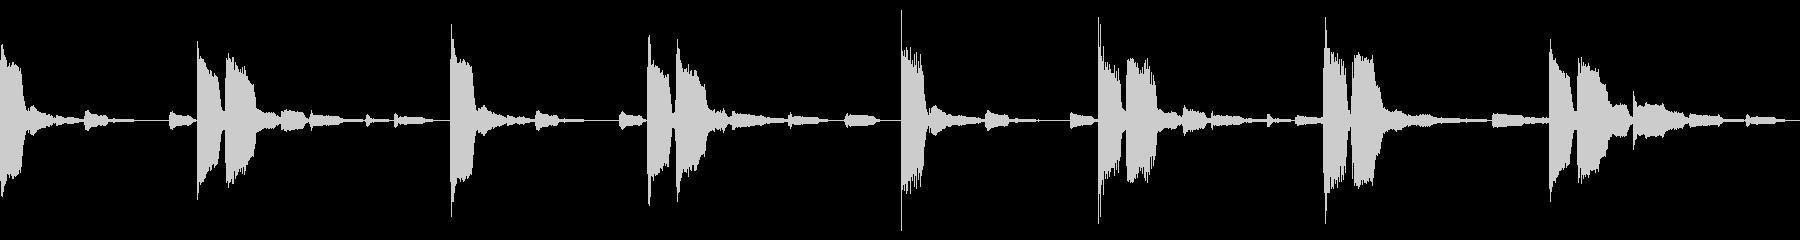 静かなエコーがエモい_ミニマルなループの未再生の波形